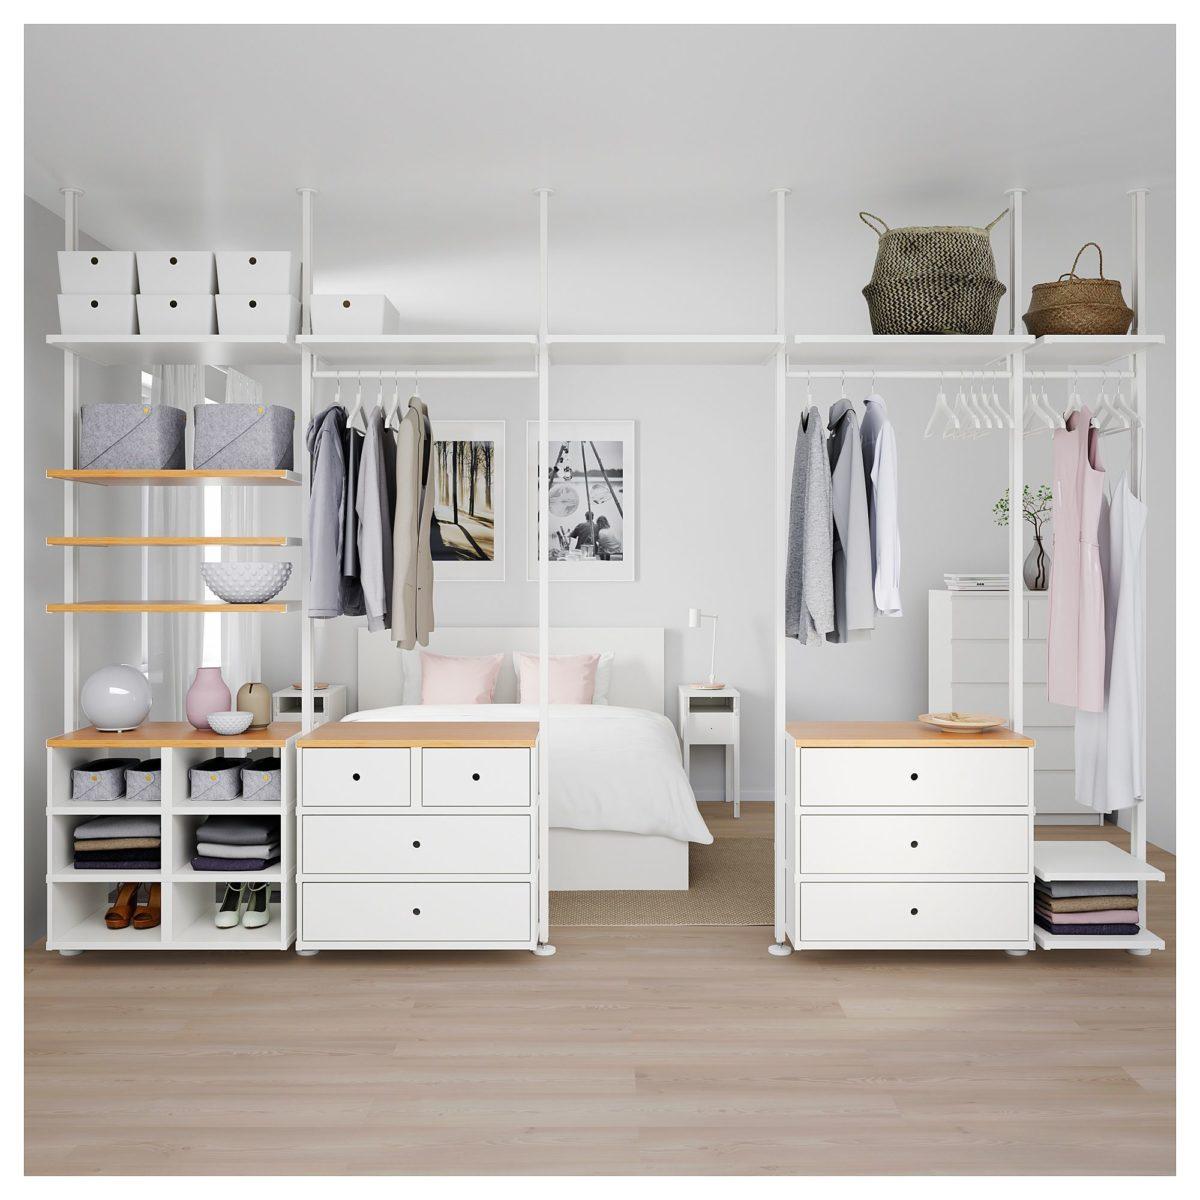 Ikea Armadi E Guardaroba.Catalogo Camere Da Letto Ikea 2019